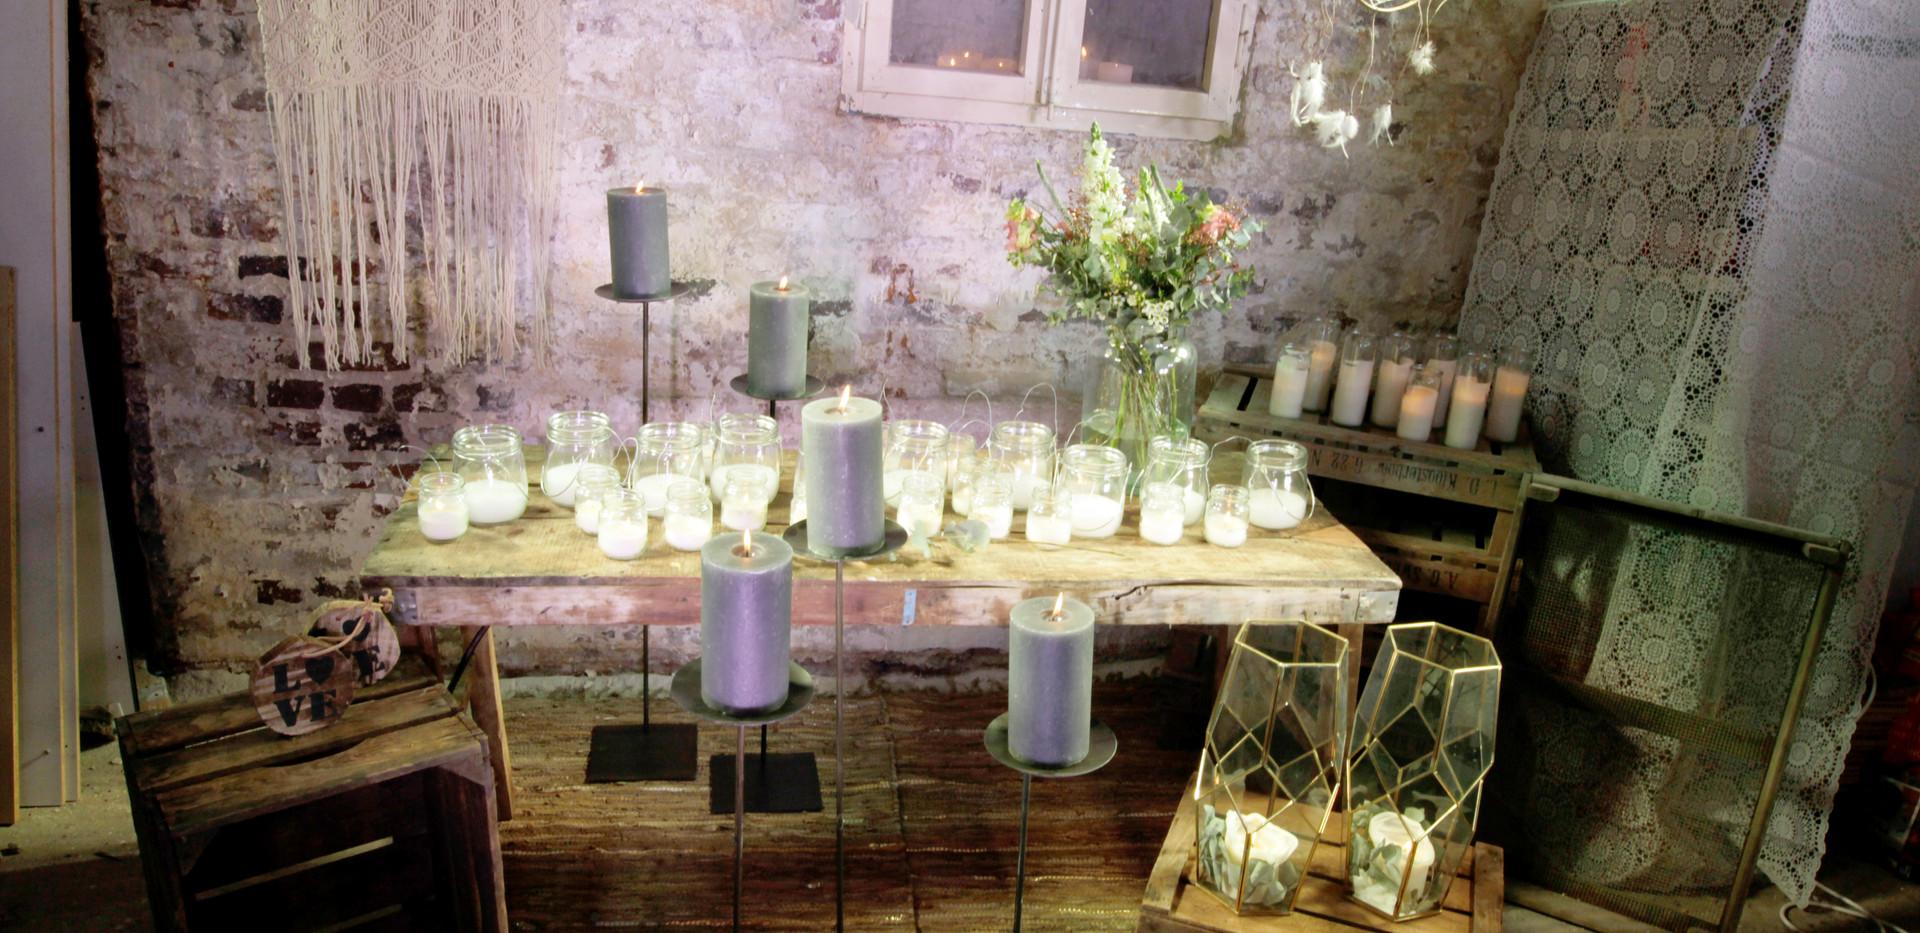 Kerzen gemischt